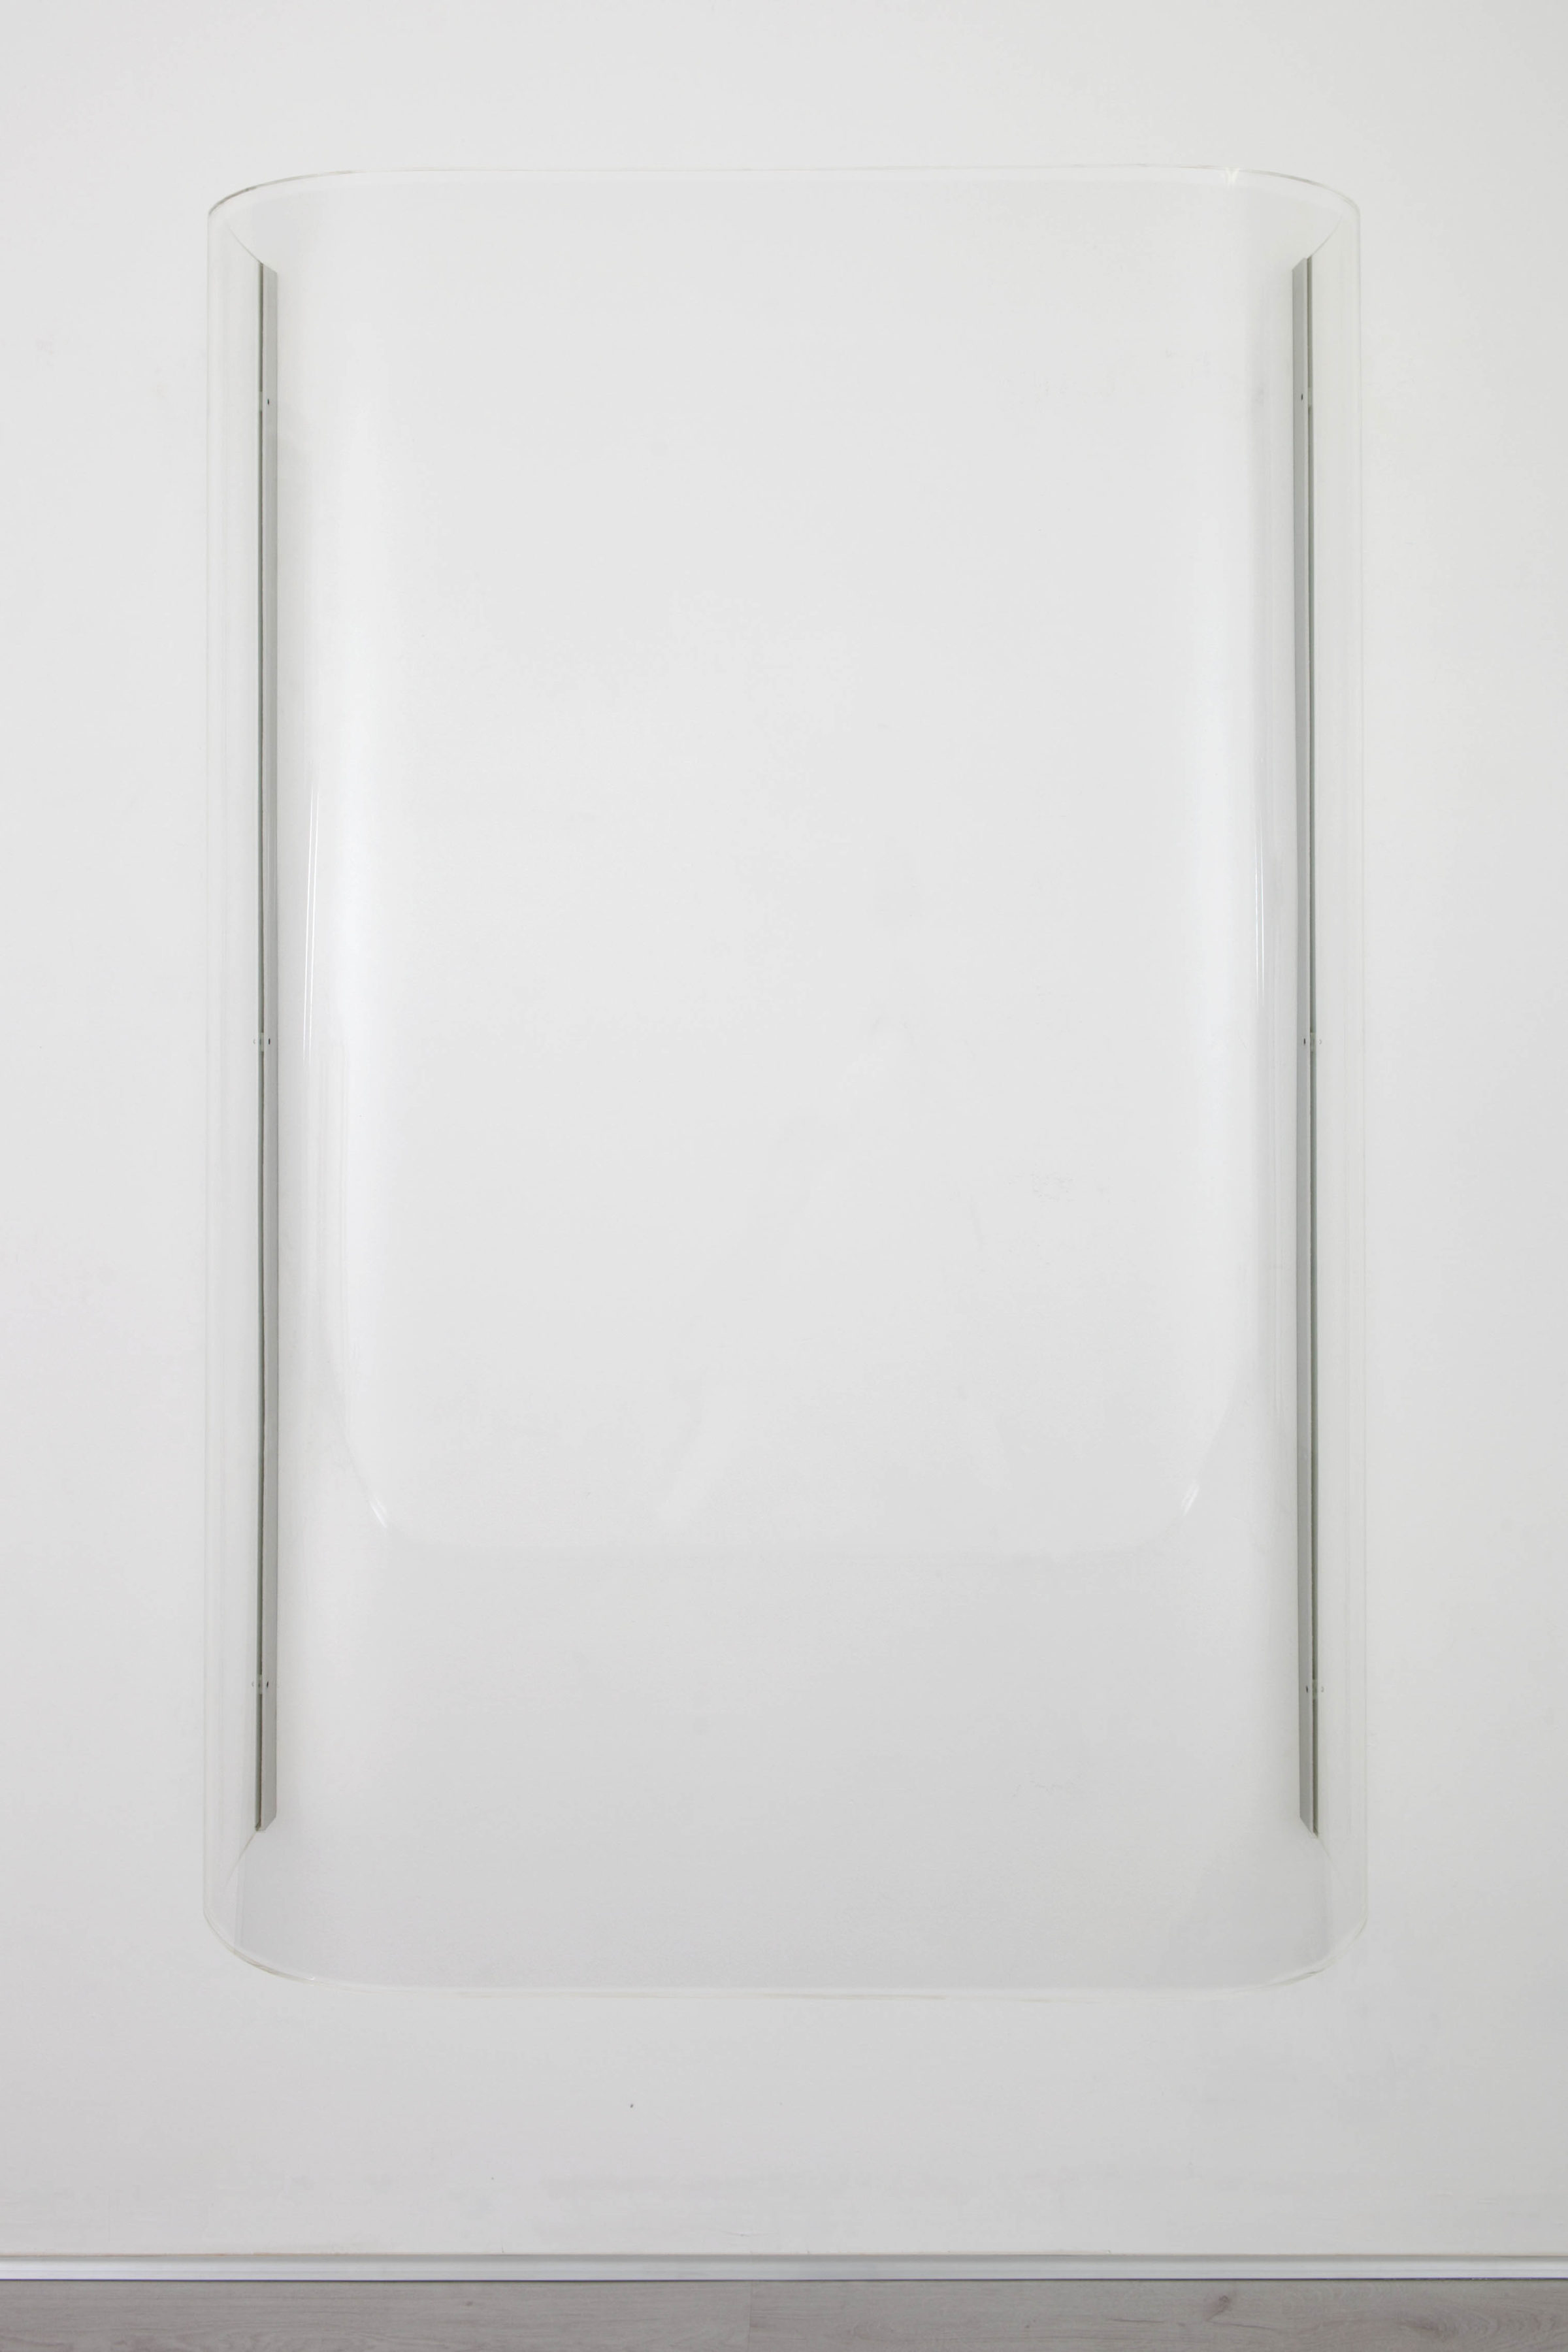 stephanie stein - tobias hoffknect, O-ton, plexiglass, metal, 190x140x45cm